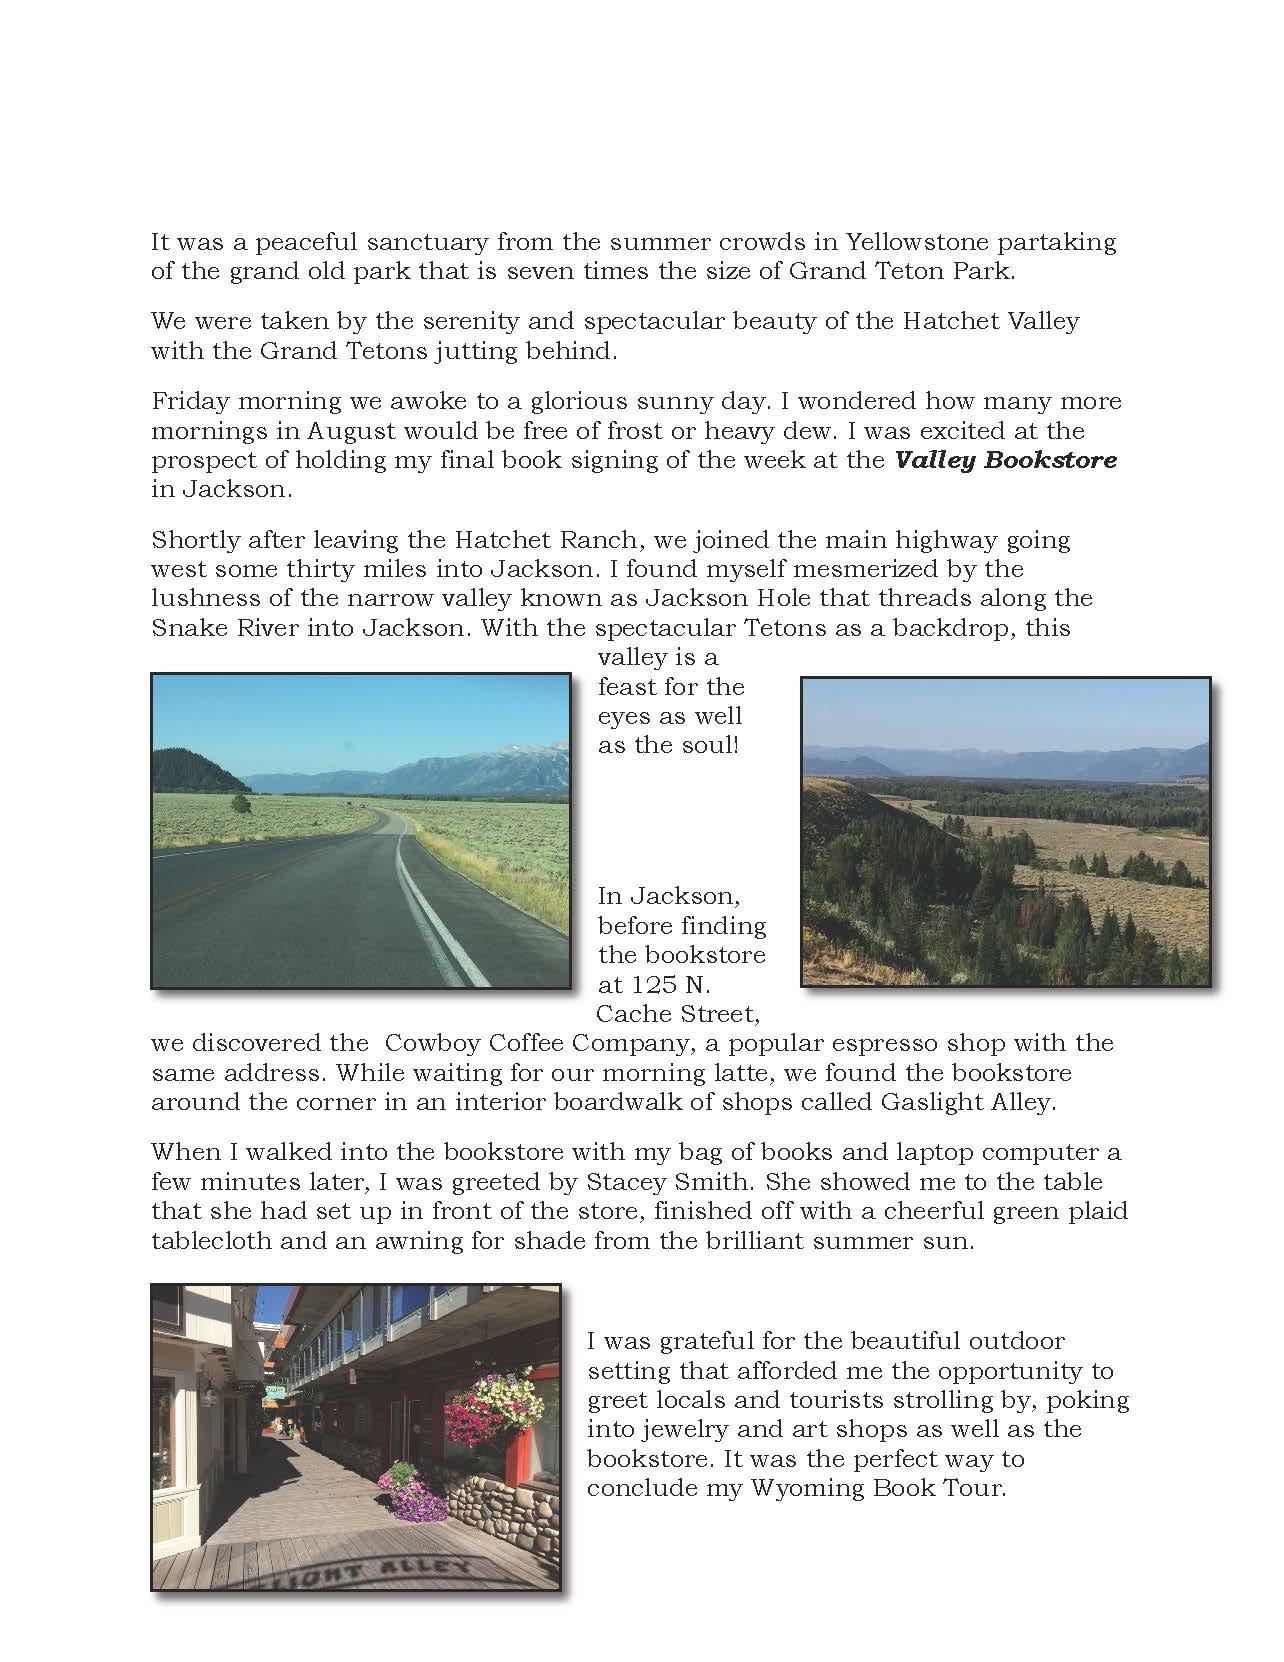 wyoming-book-tour-master-rev-10-23-16-1_page_18